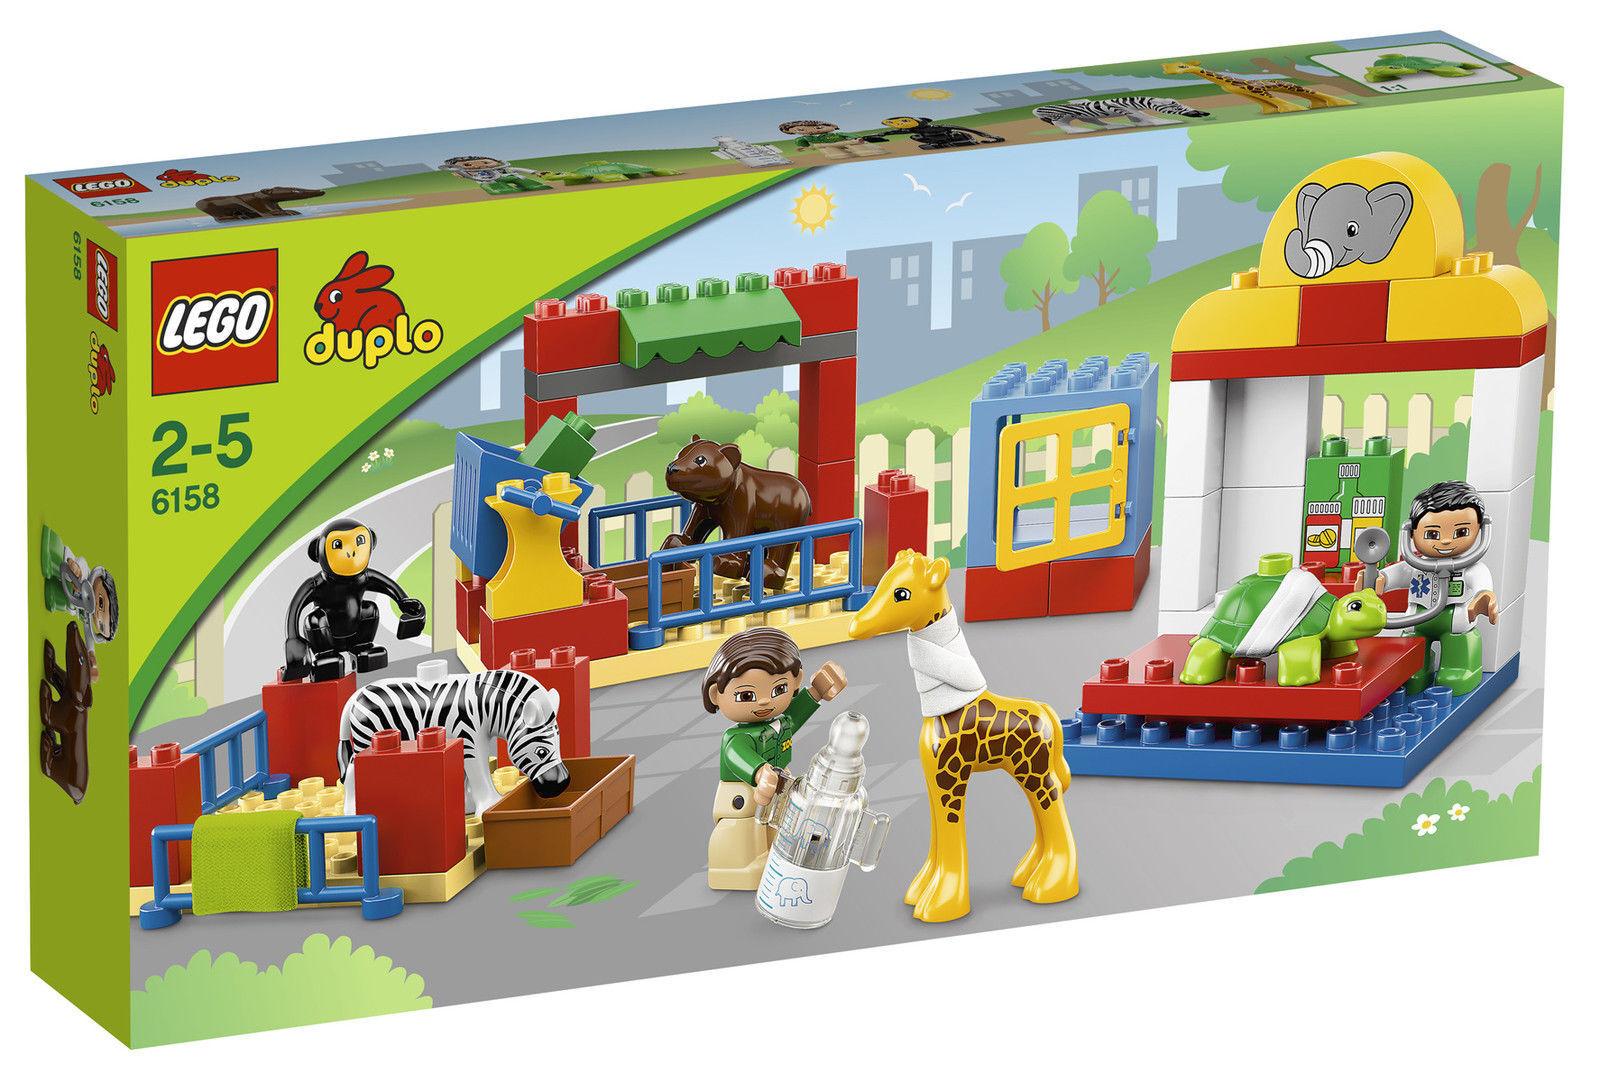 LEGO Duplo Tierpflegestation (6158) NEU OVP Selten, Sammler